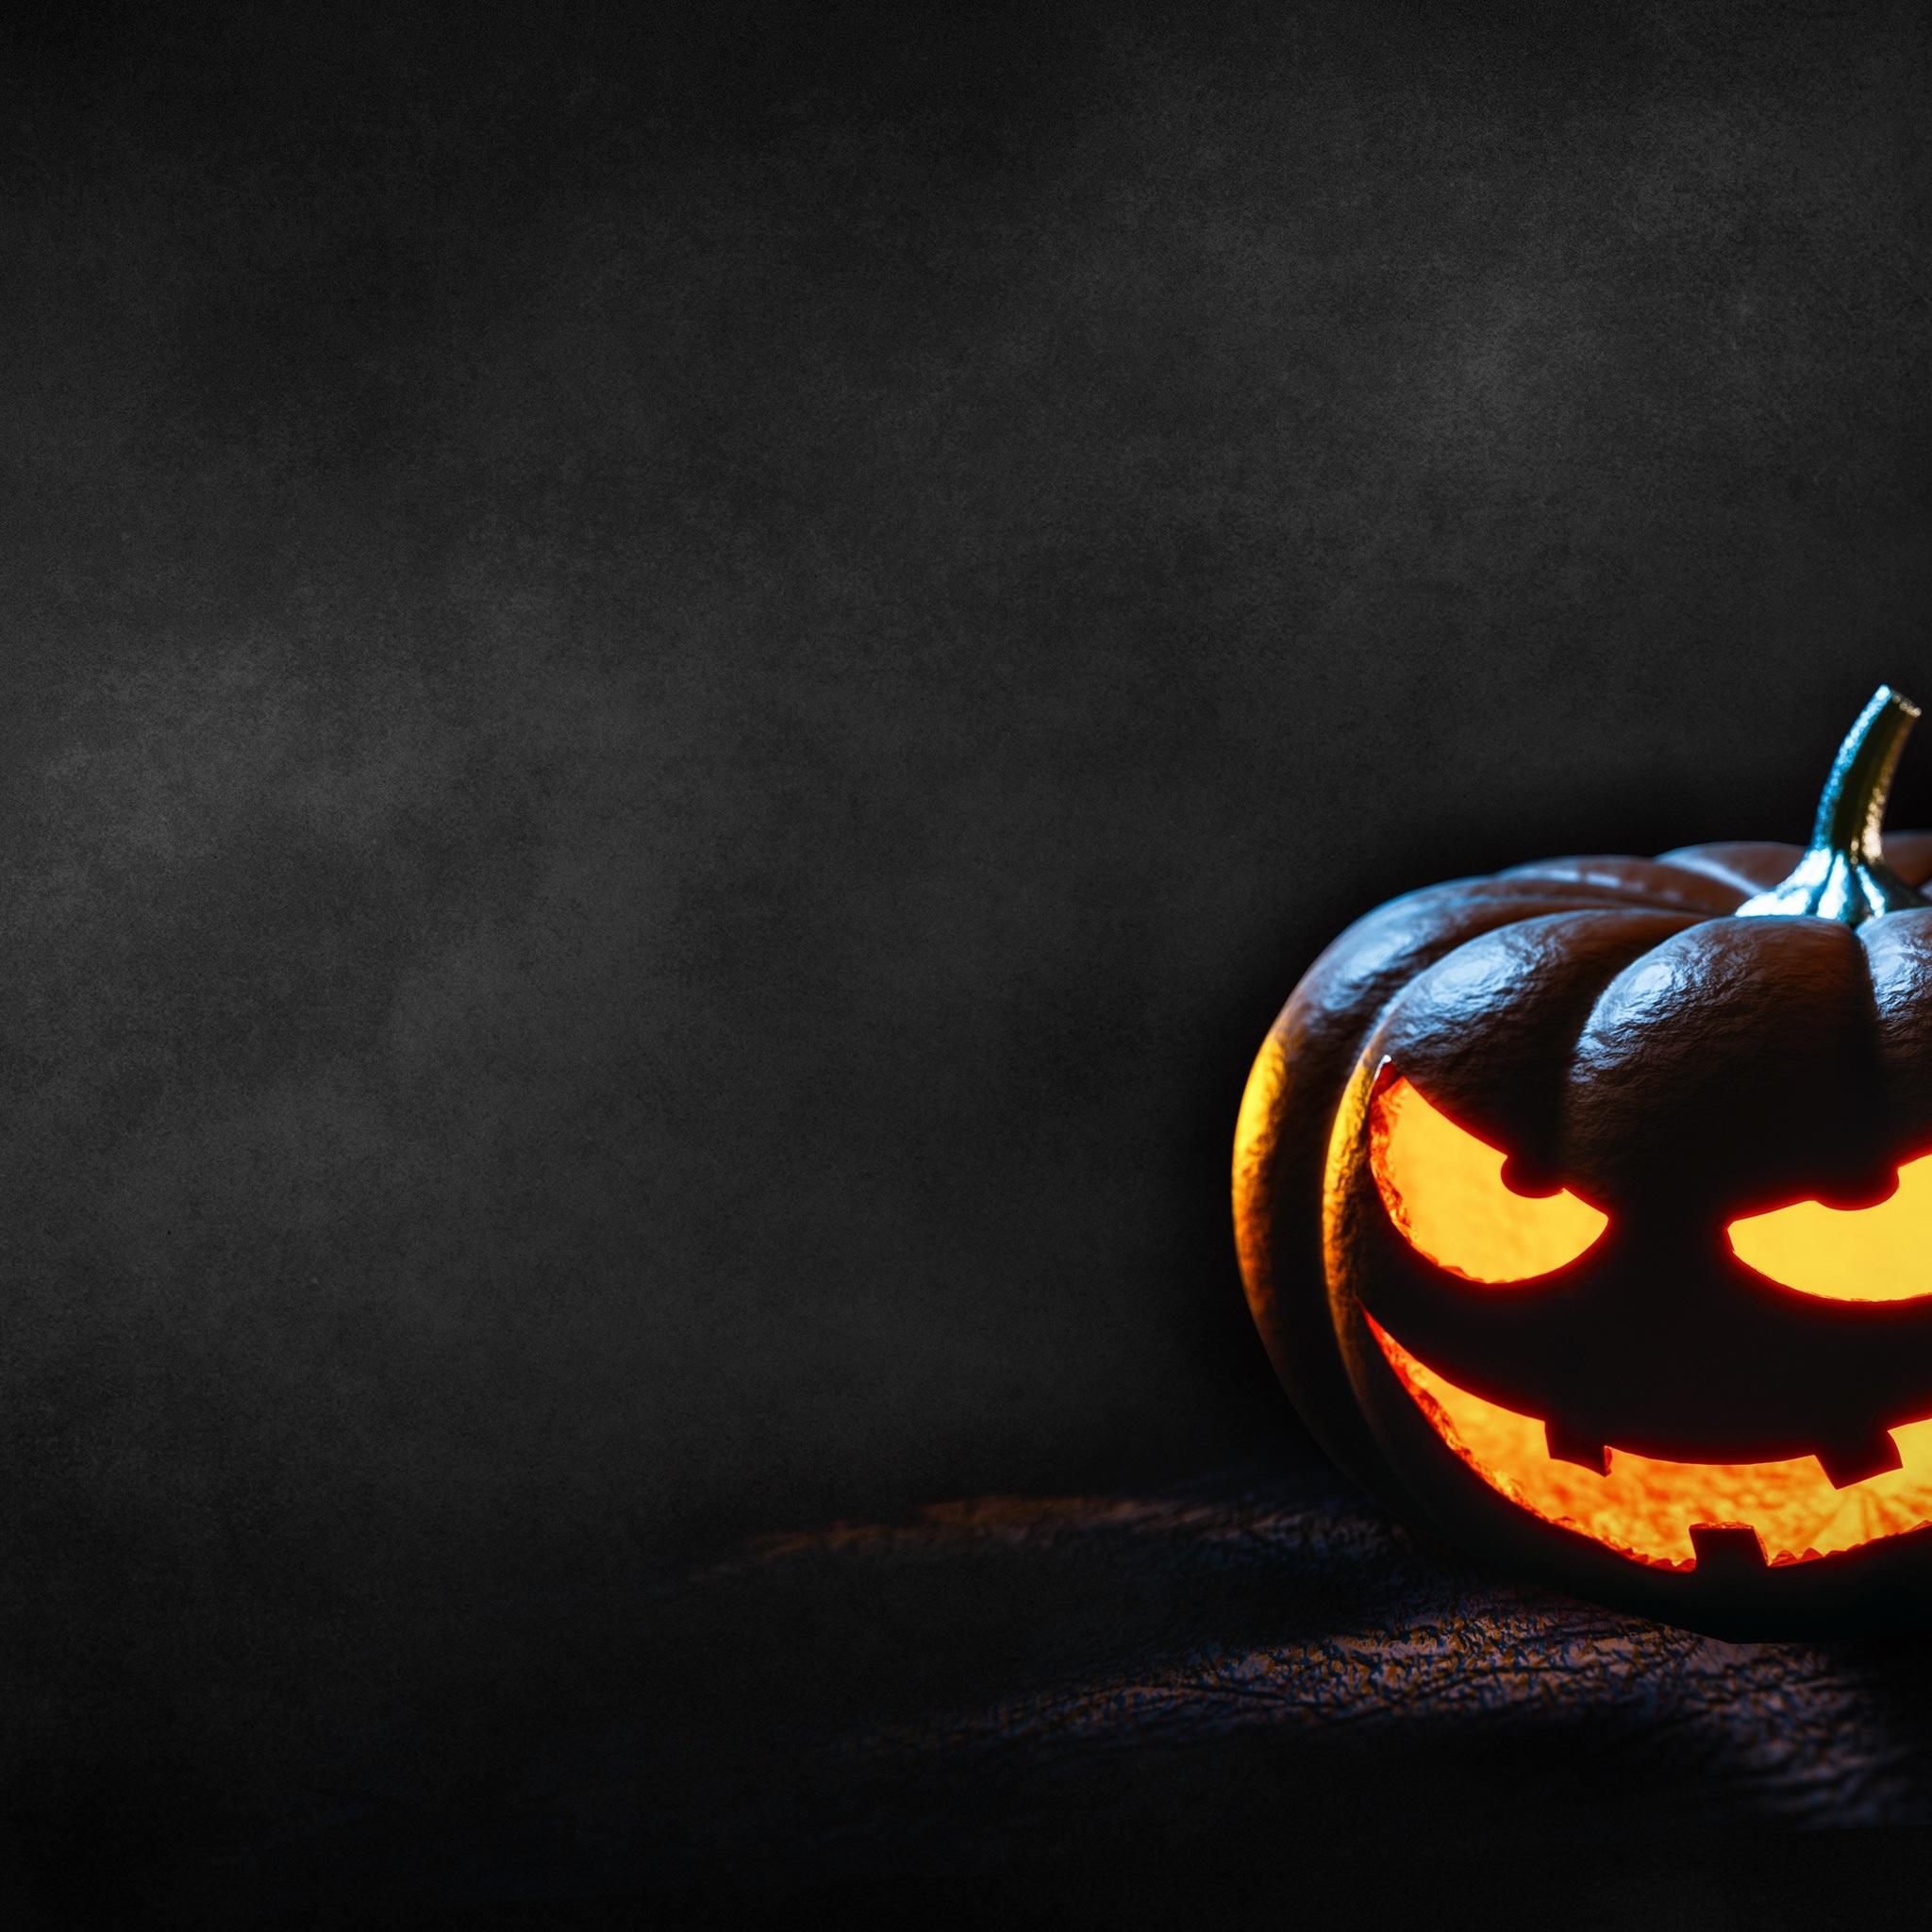 2048x2048 Happy Halloween Pumpkin Ipad Air Hd 4k Wallpapers